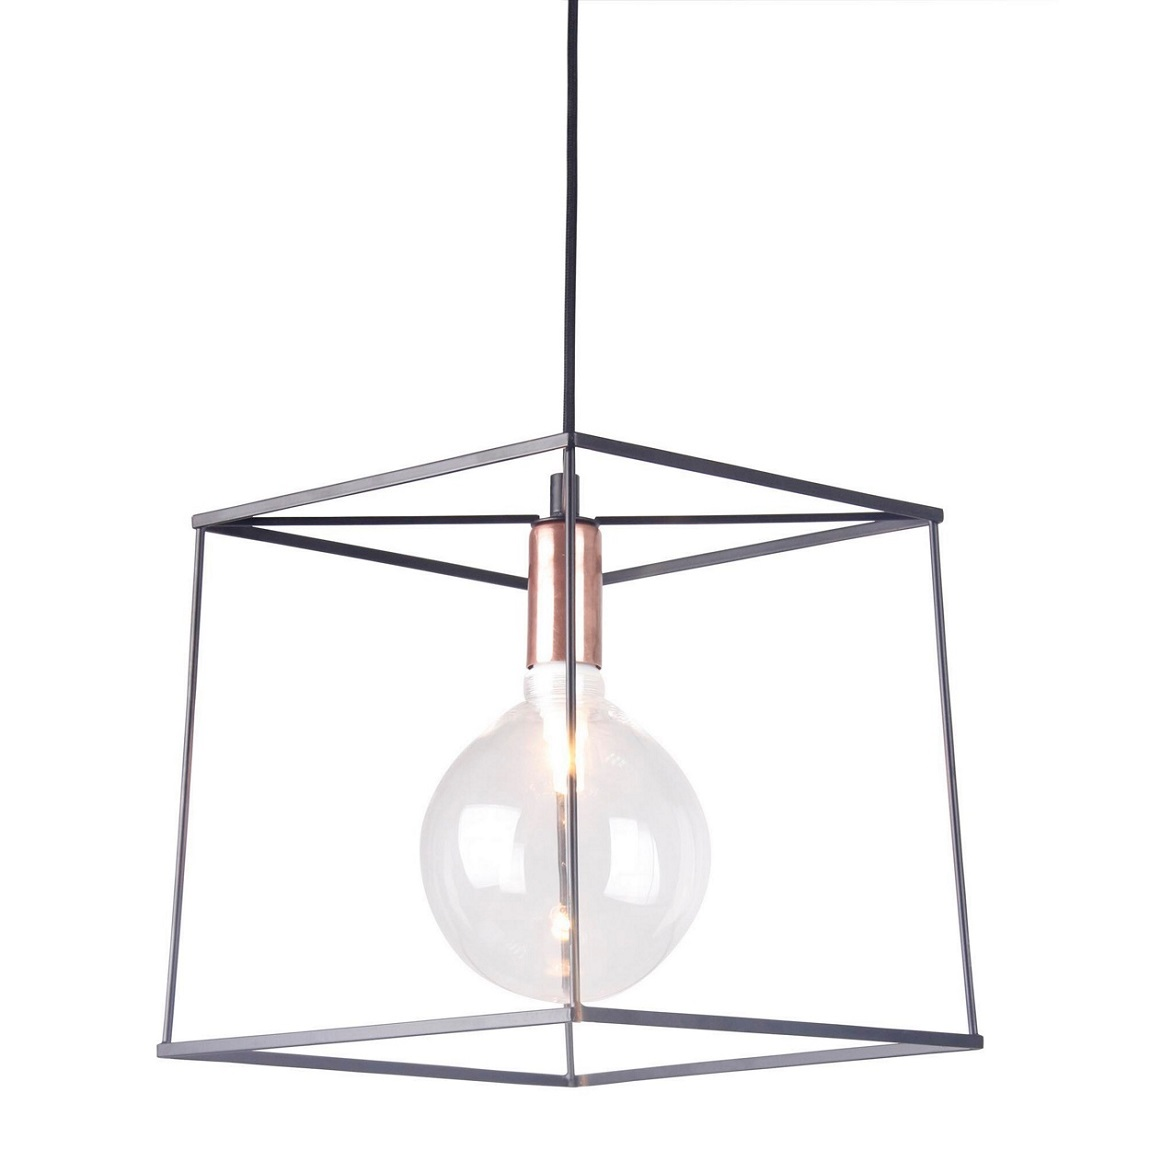 minimalist lighting. Sentinel Debenhams Home Collection \u0027Harrison\u0027 Pendant Ceiling Light Minimalist Lighting